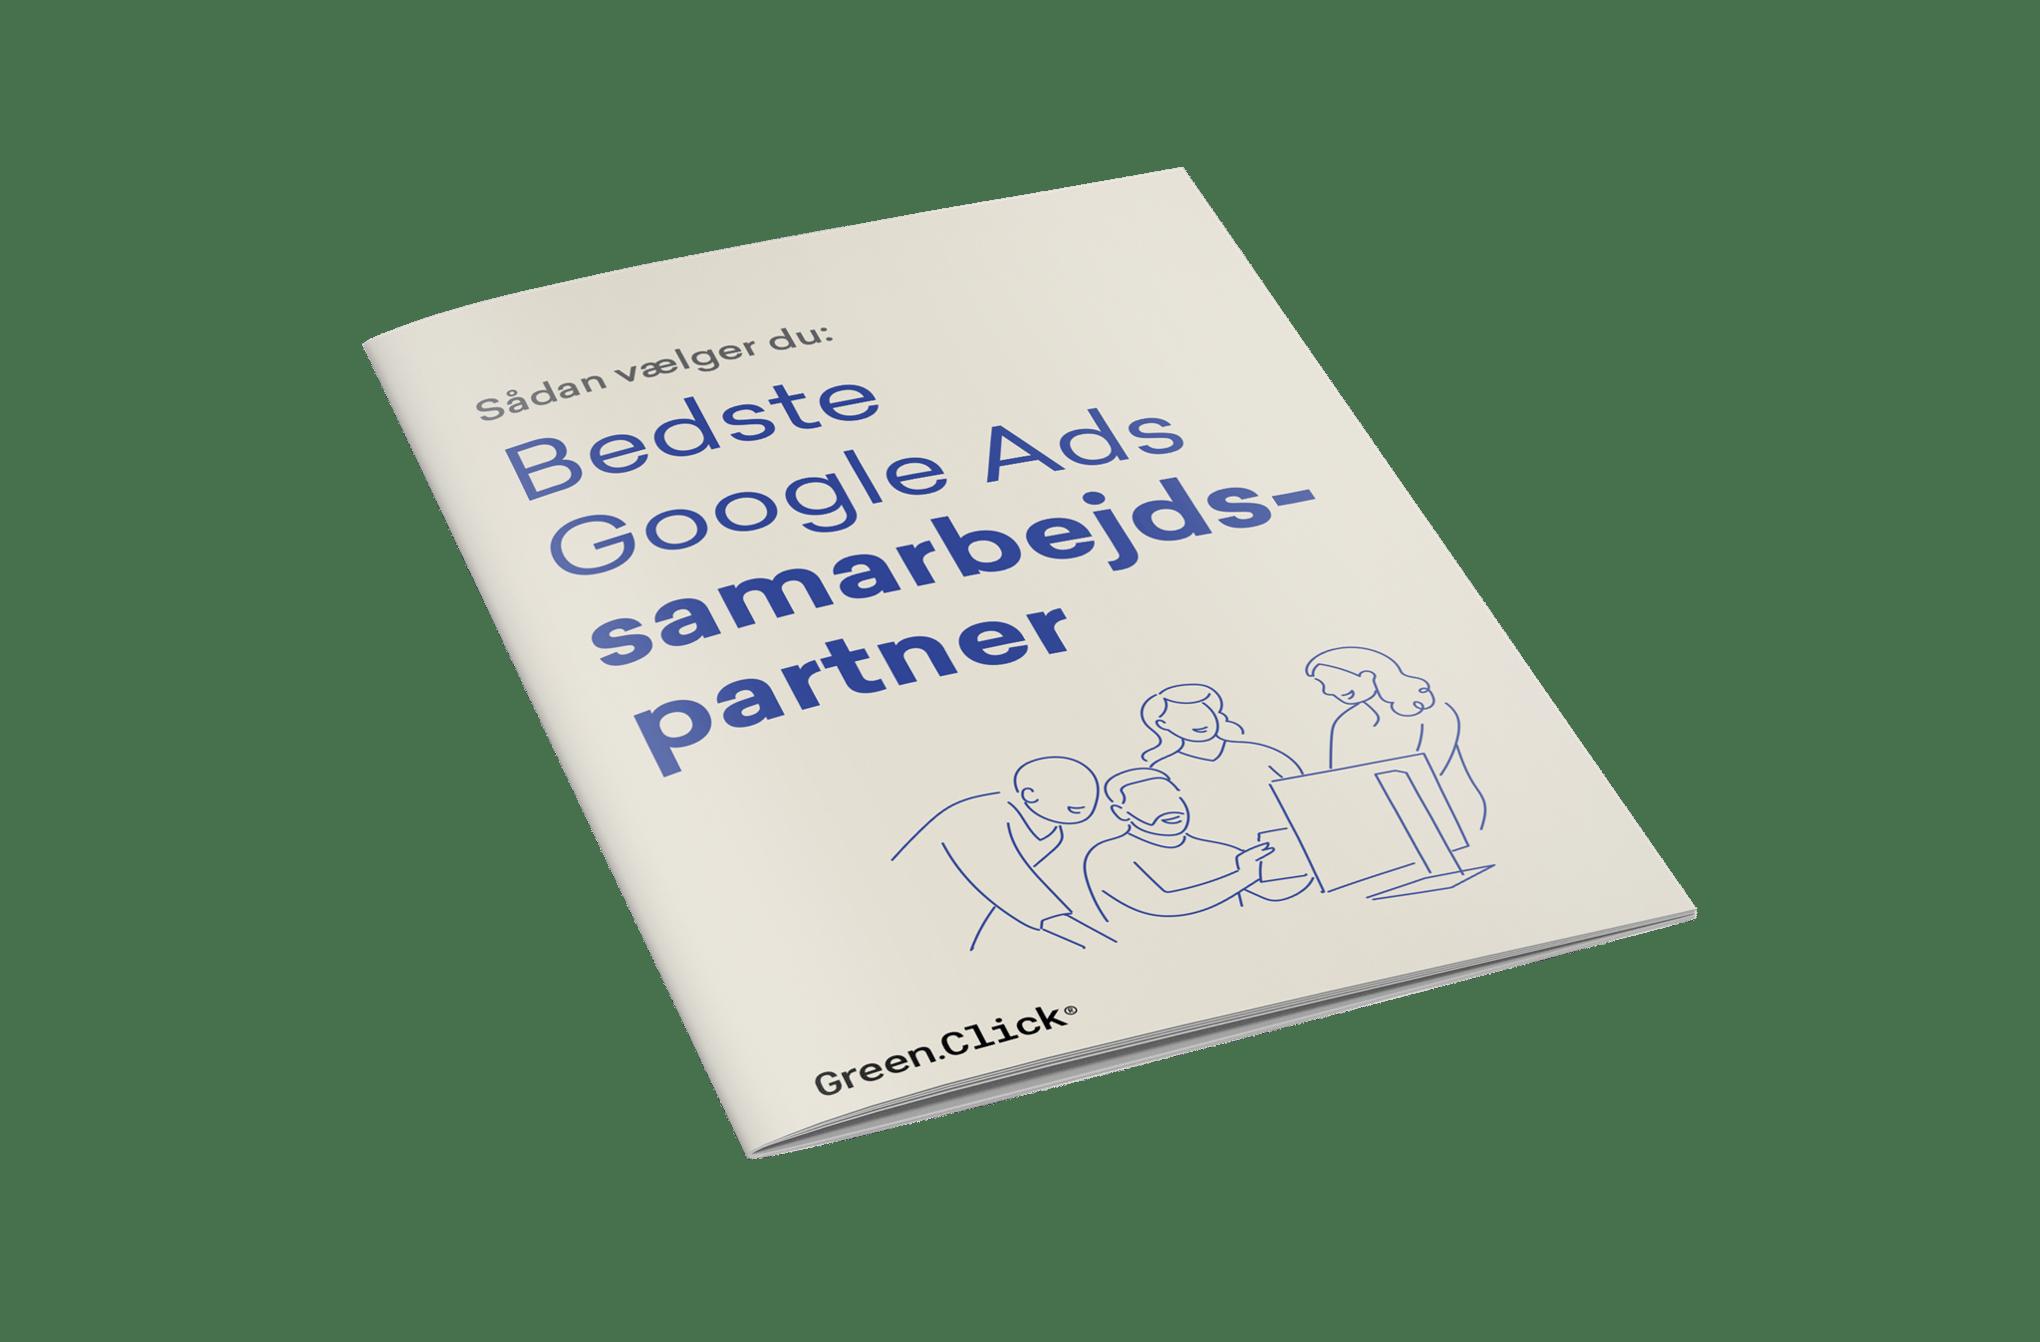 Bedste Google Ads Samarbejdspartner